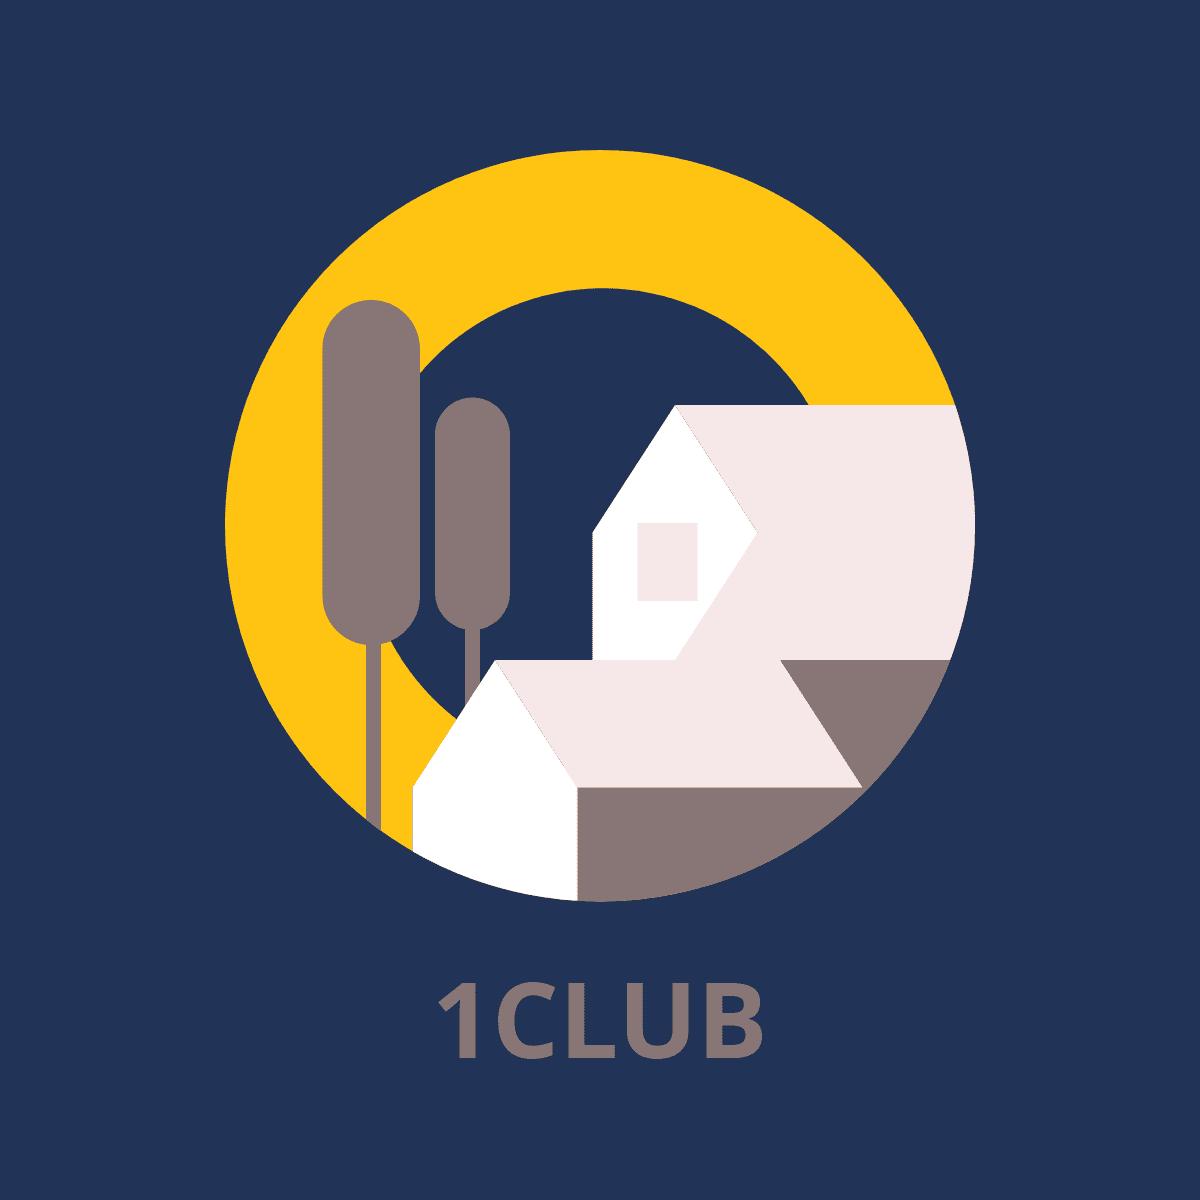 Логотип делового клуба фото f_6685f8712c263162.png